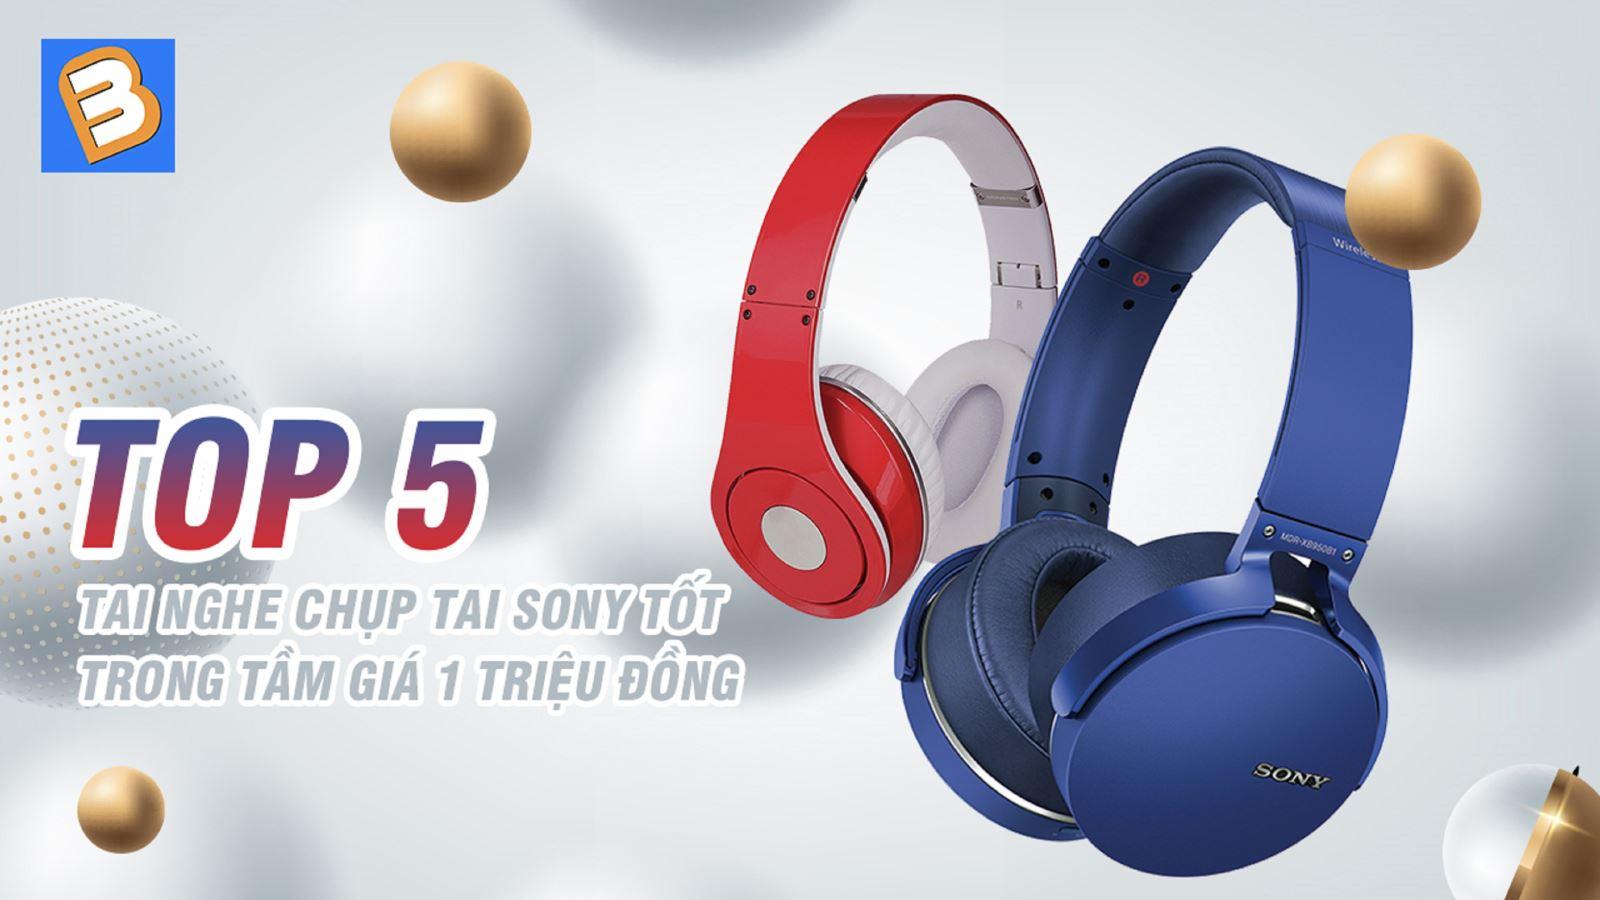 Top 5 tai nghe chụp tai Sony tốttrong tầm giá 1 triệu đồng